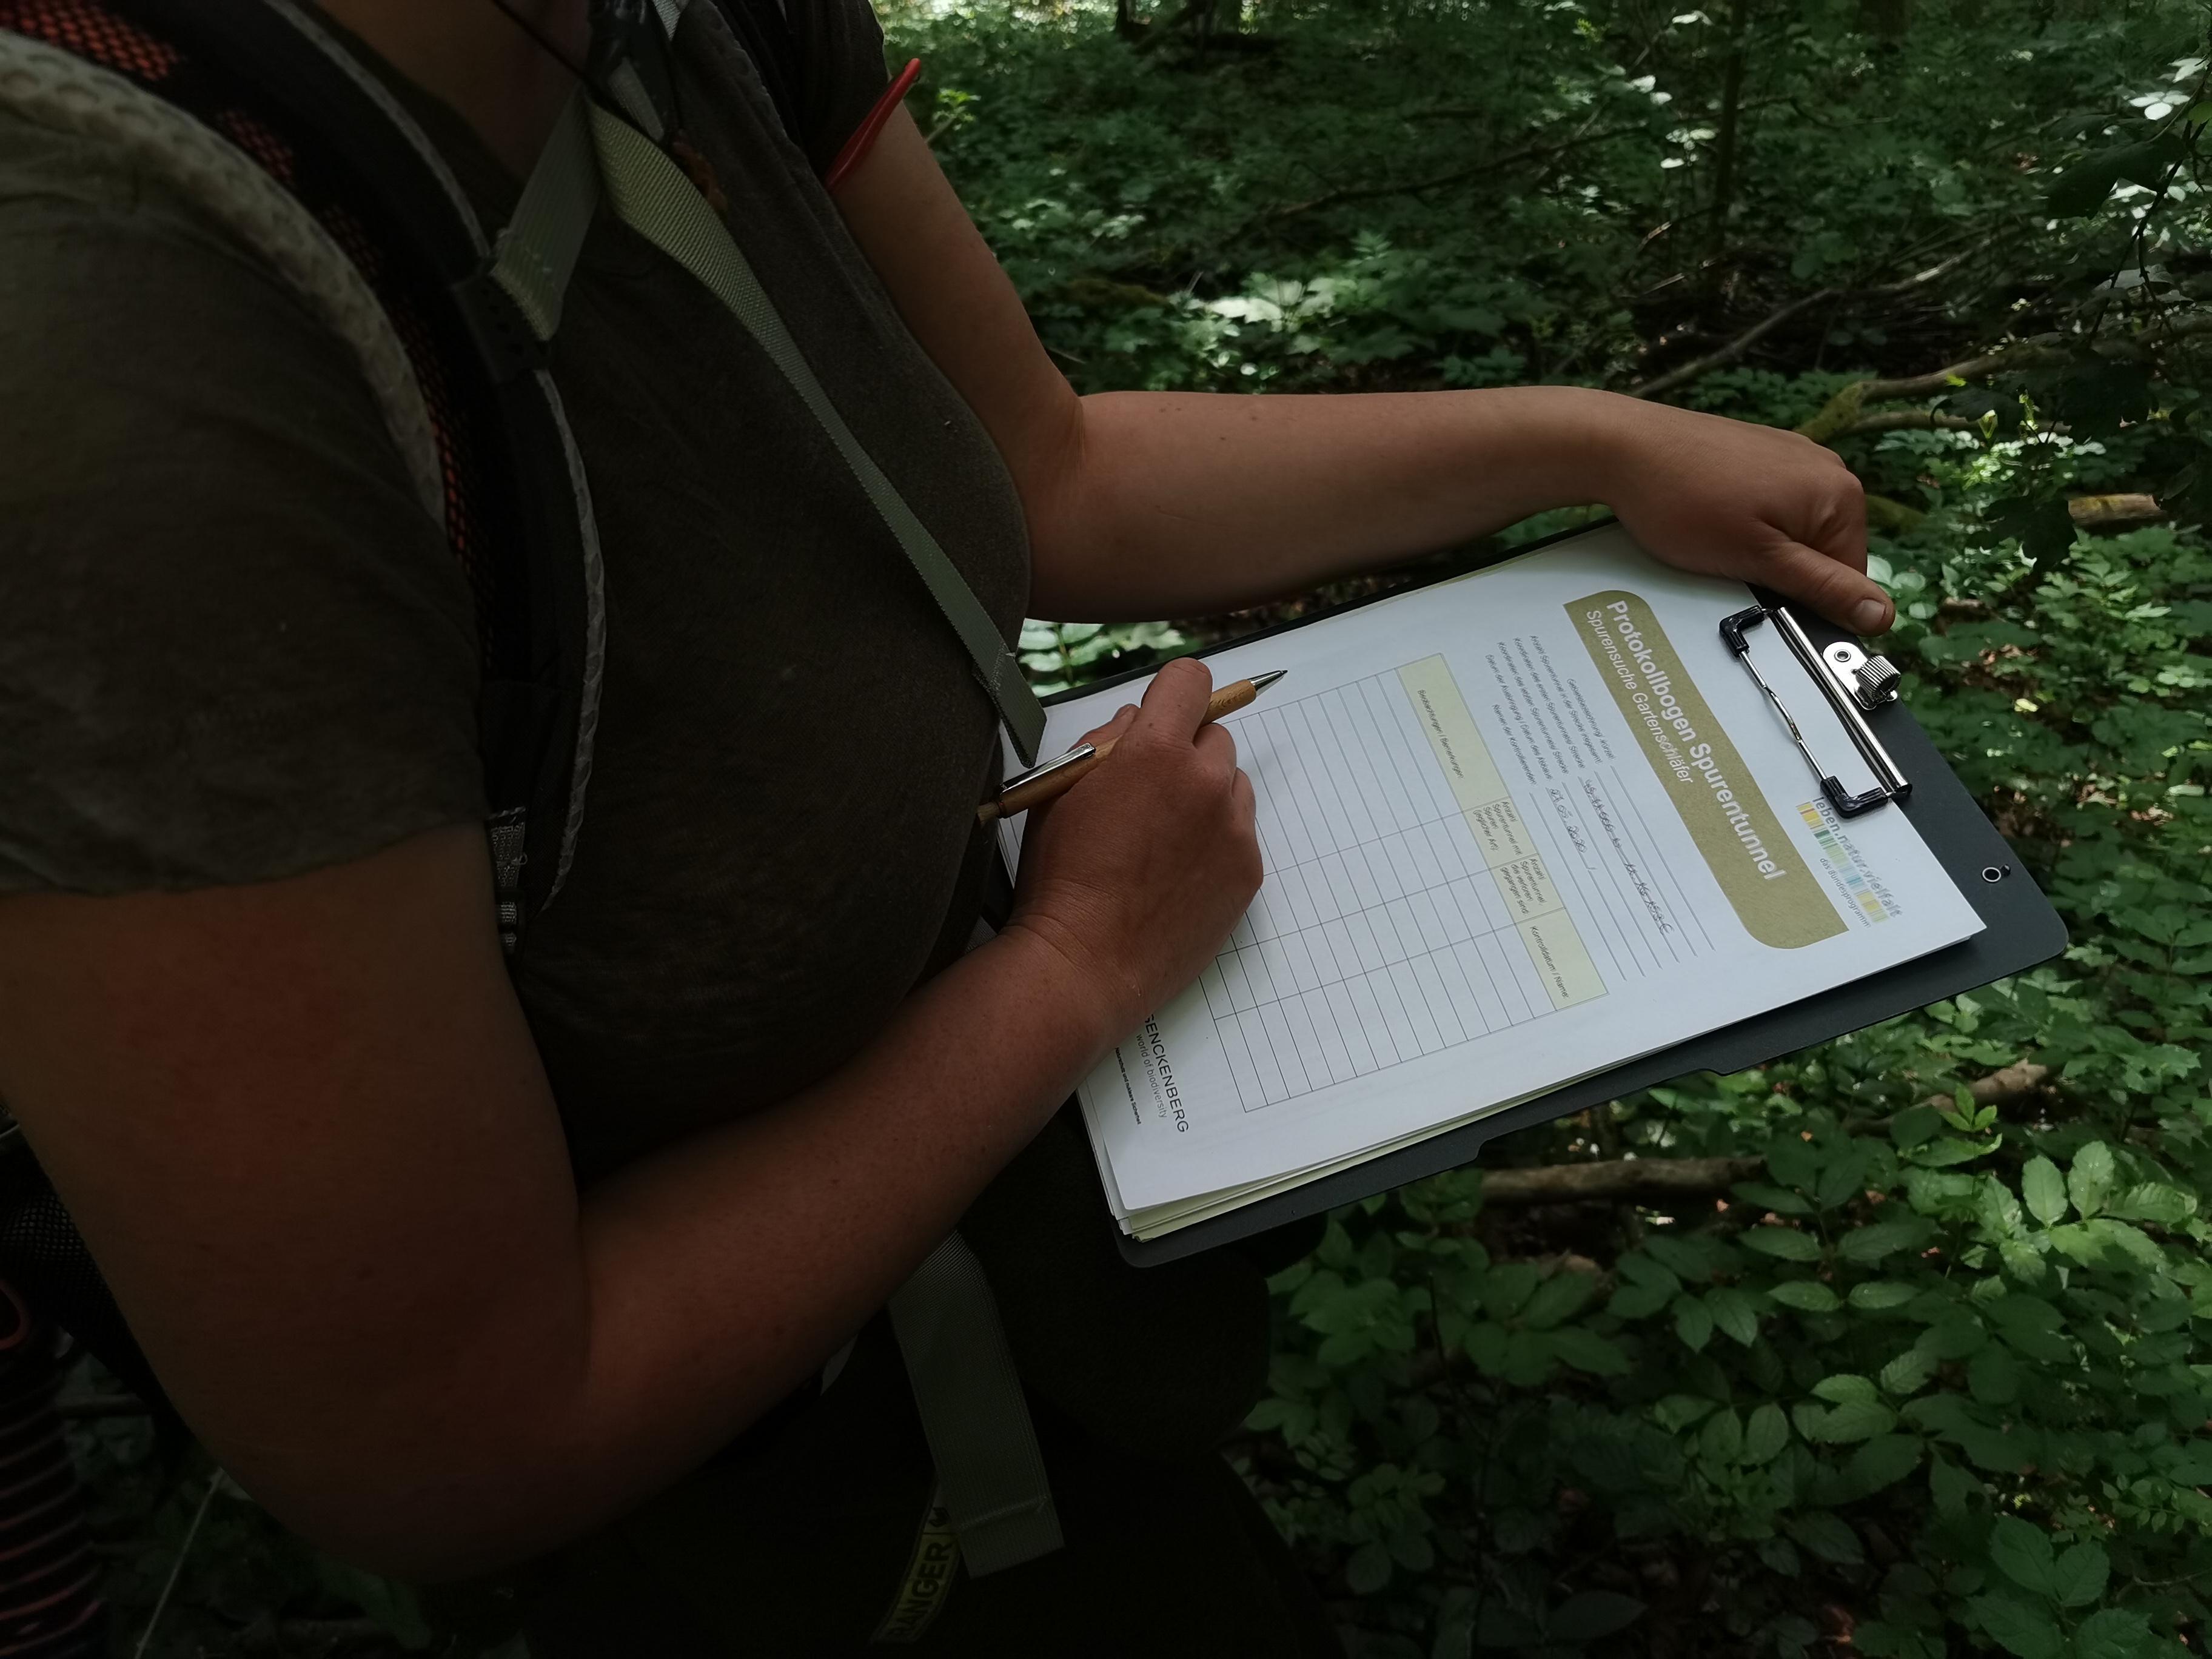 Naturpark-Rangerin Julia Dummert notiert die Daten